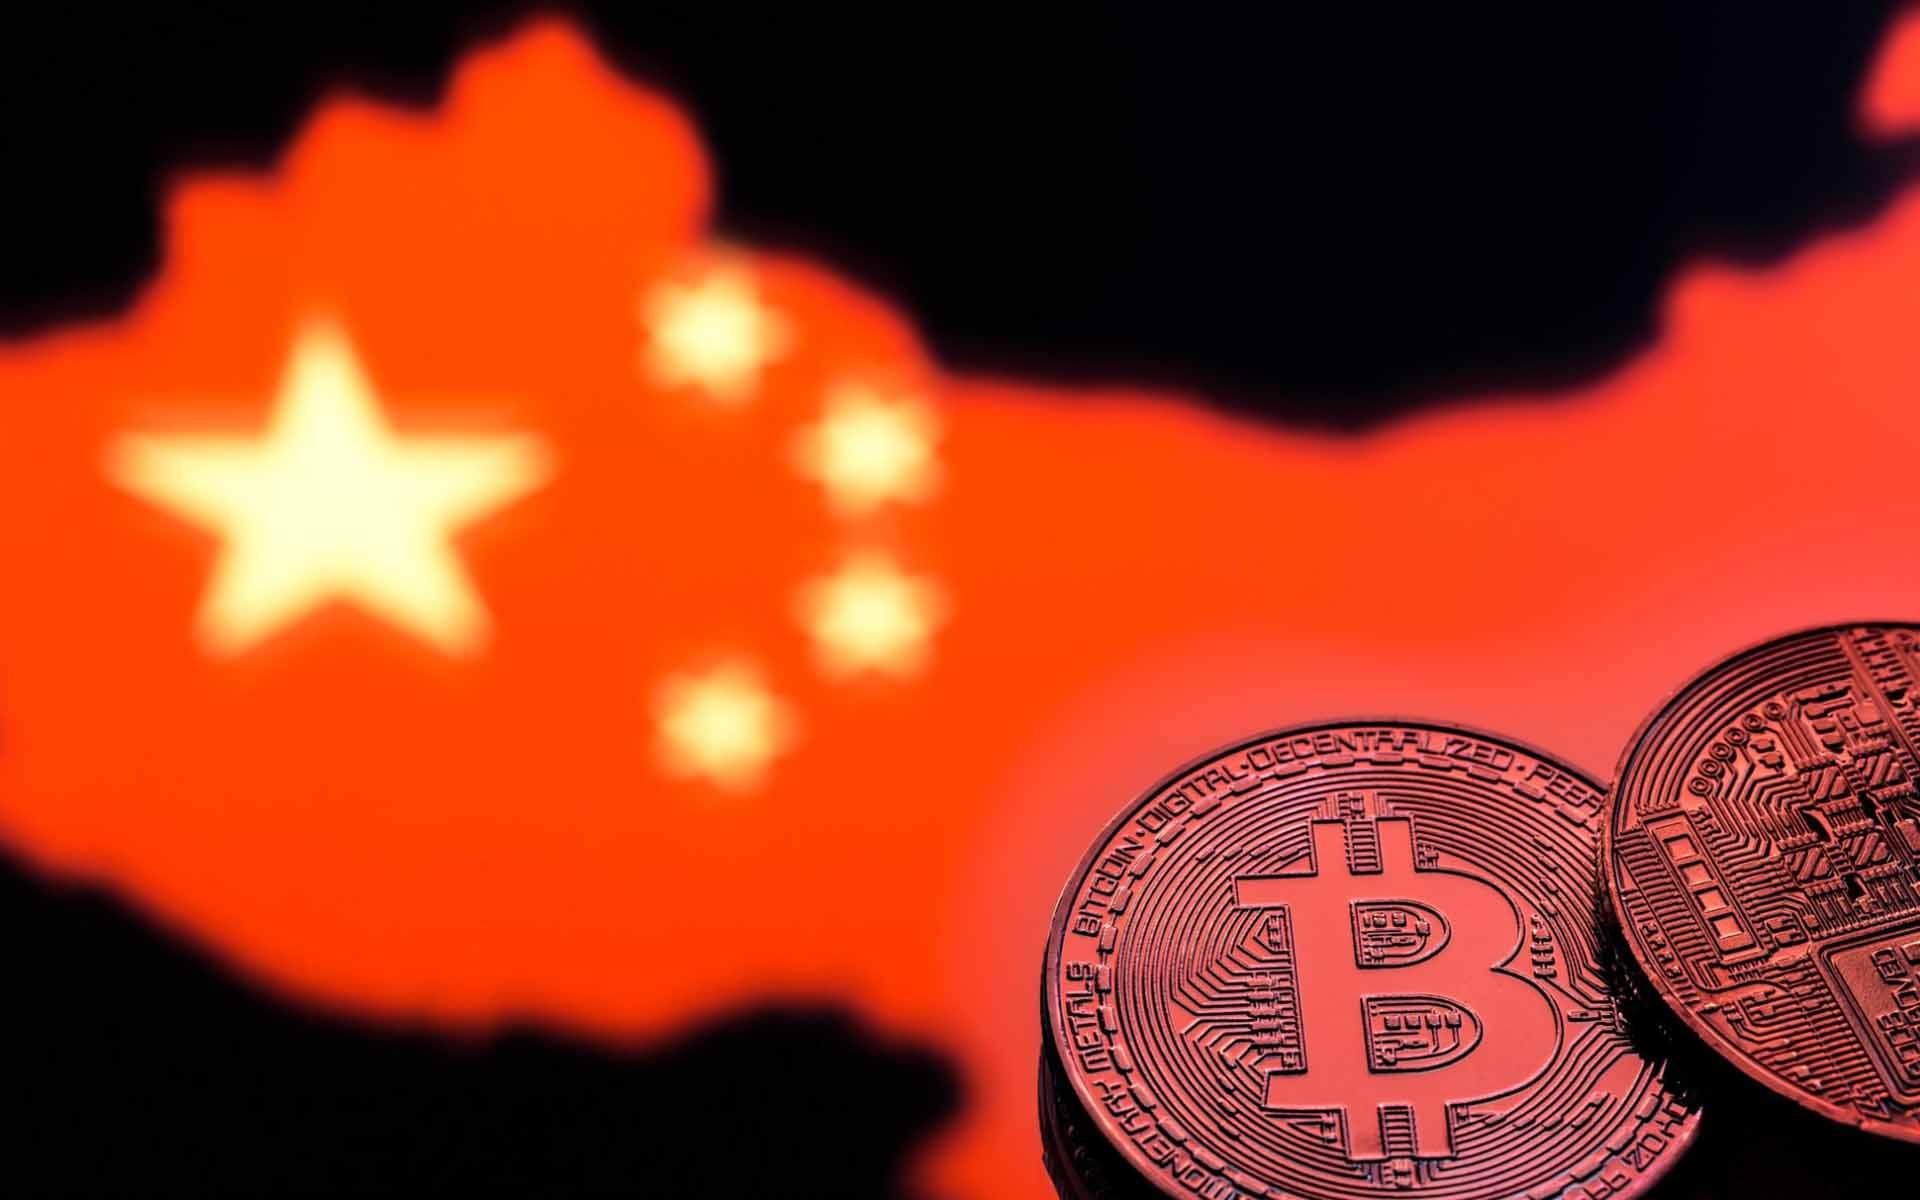 احتمال ممنوعیت صنعت استخراج بیت کوین در چین و نظر کارشناسان در اینباره